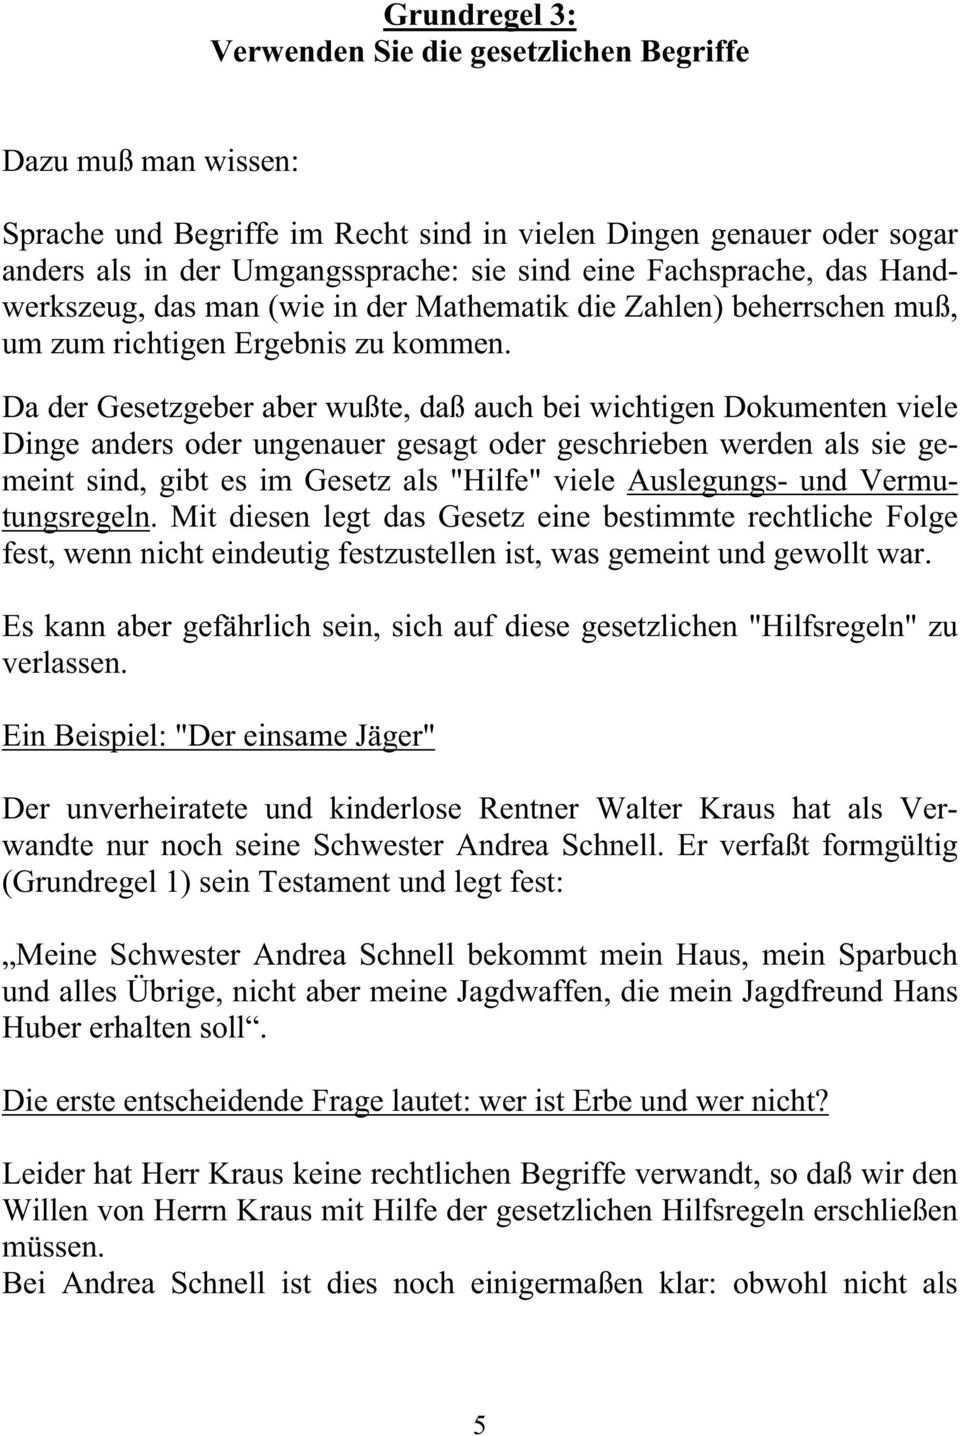 Testament Und Pflichtteil Tucken Und Fallen Pdf Free Download